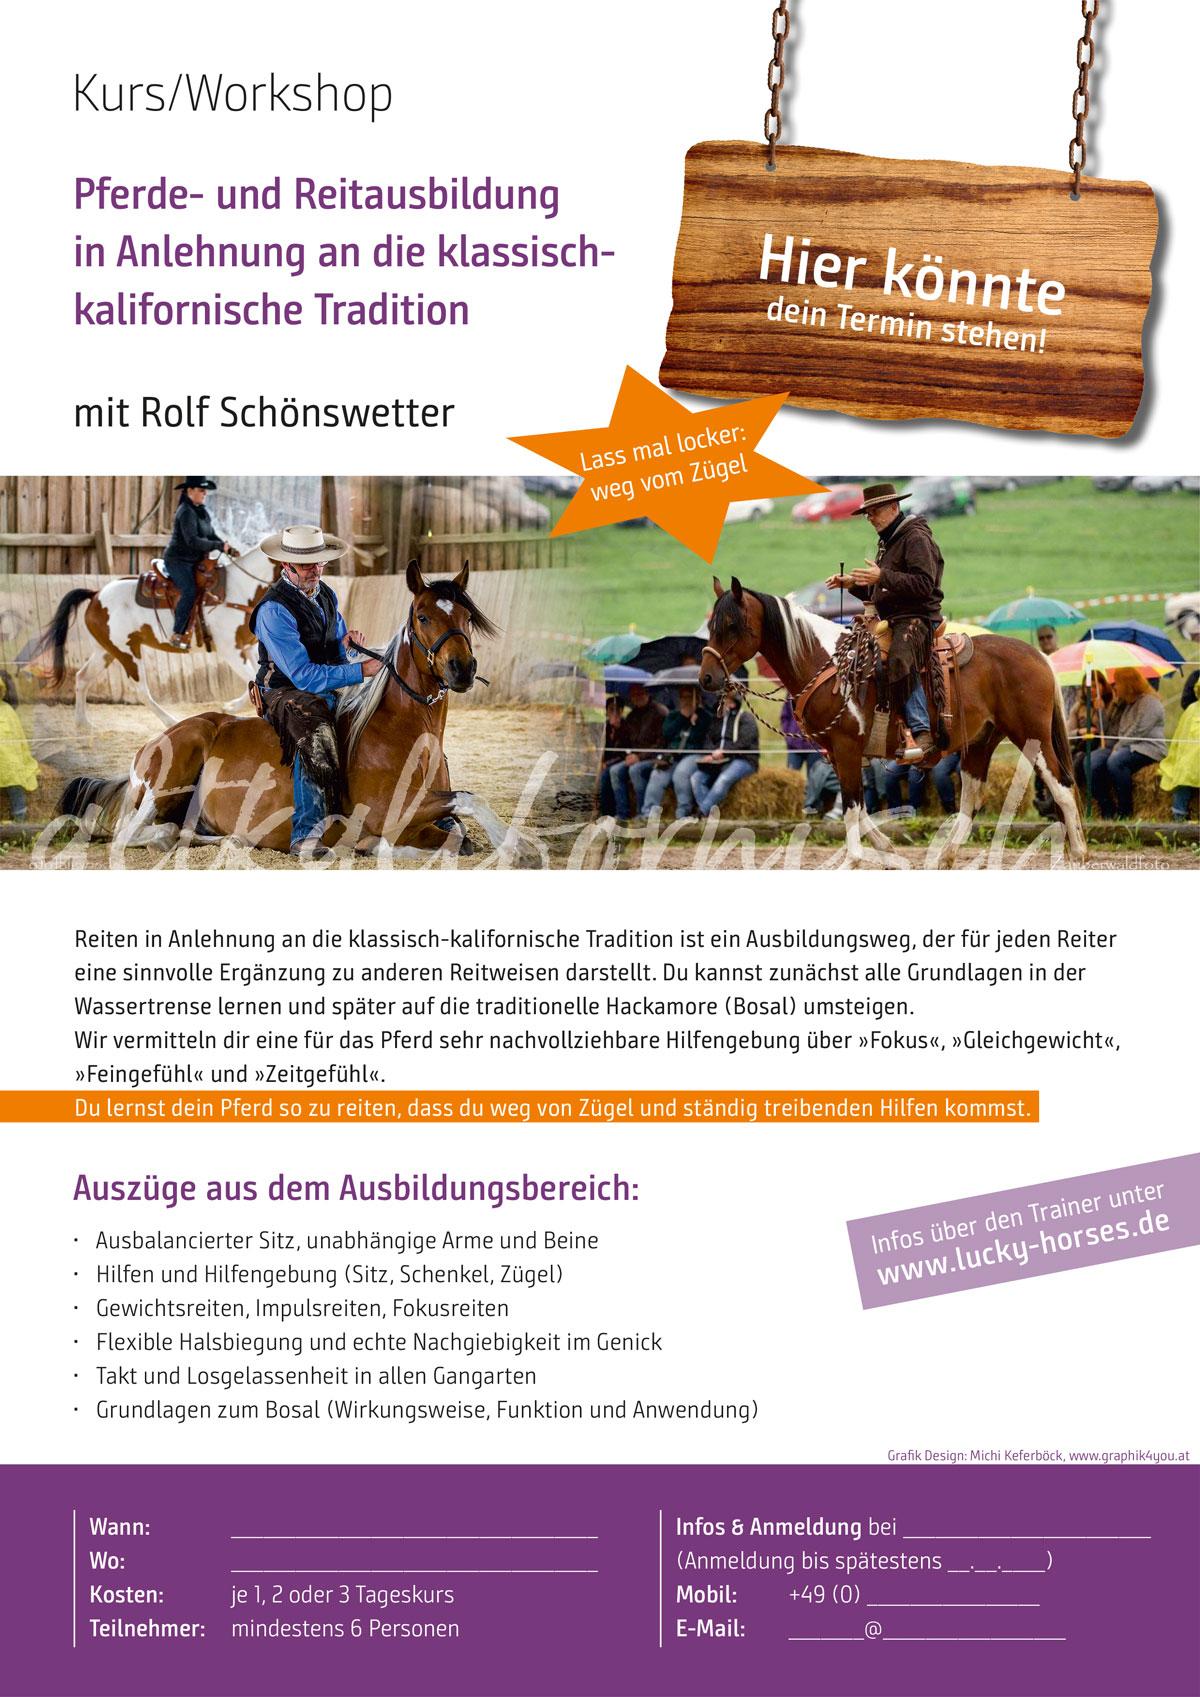 Pferde- und Reitausbildung in Anlehnung an die klassisch-kalifornische Tradition